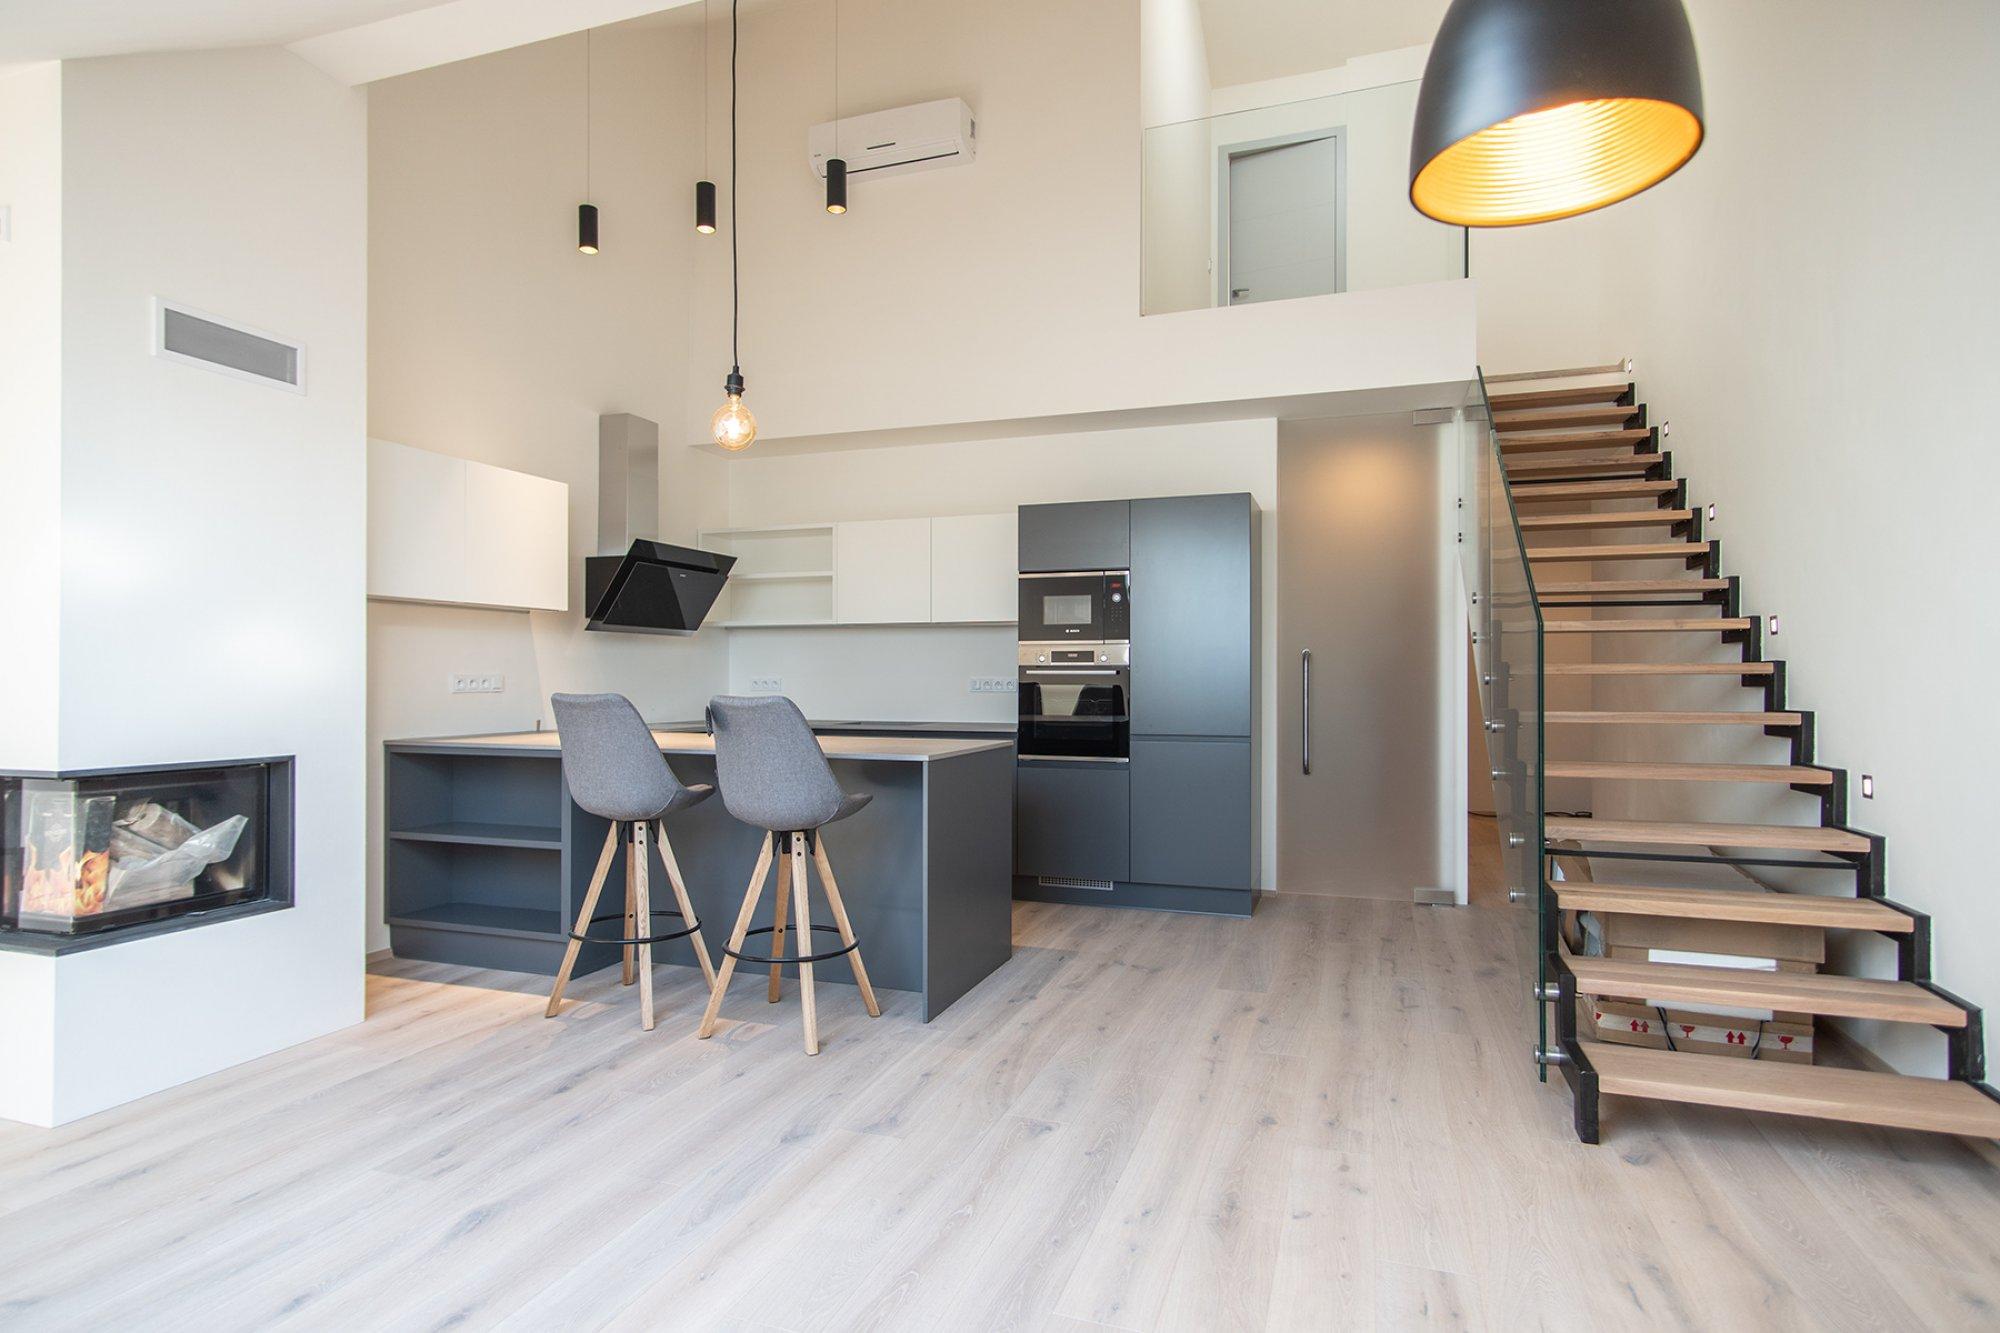 Půdní byt 4+kk, plocha 139 m², ulice Pernerova, Praha 8 - Karlín | 1